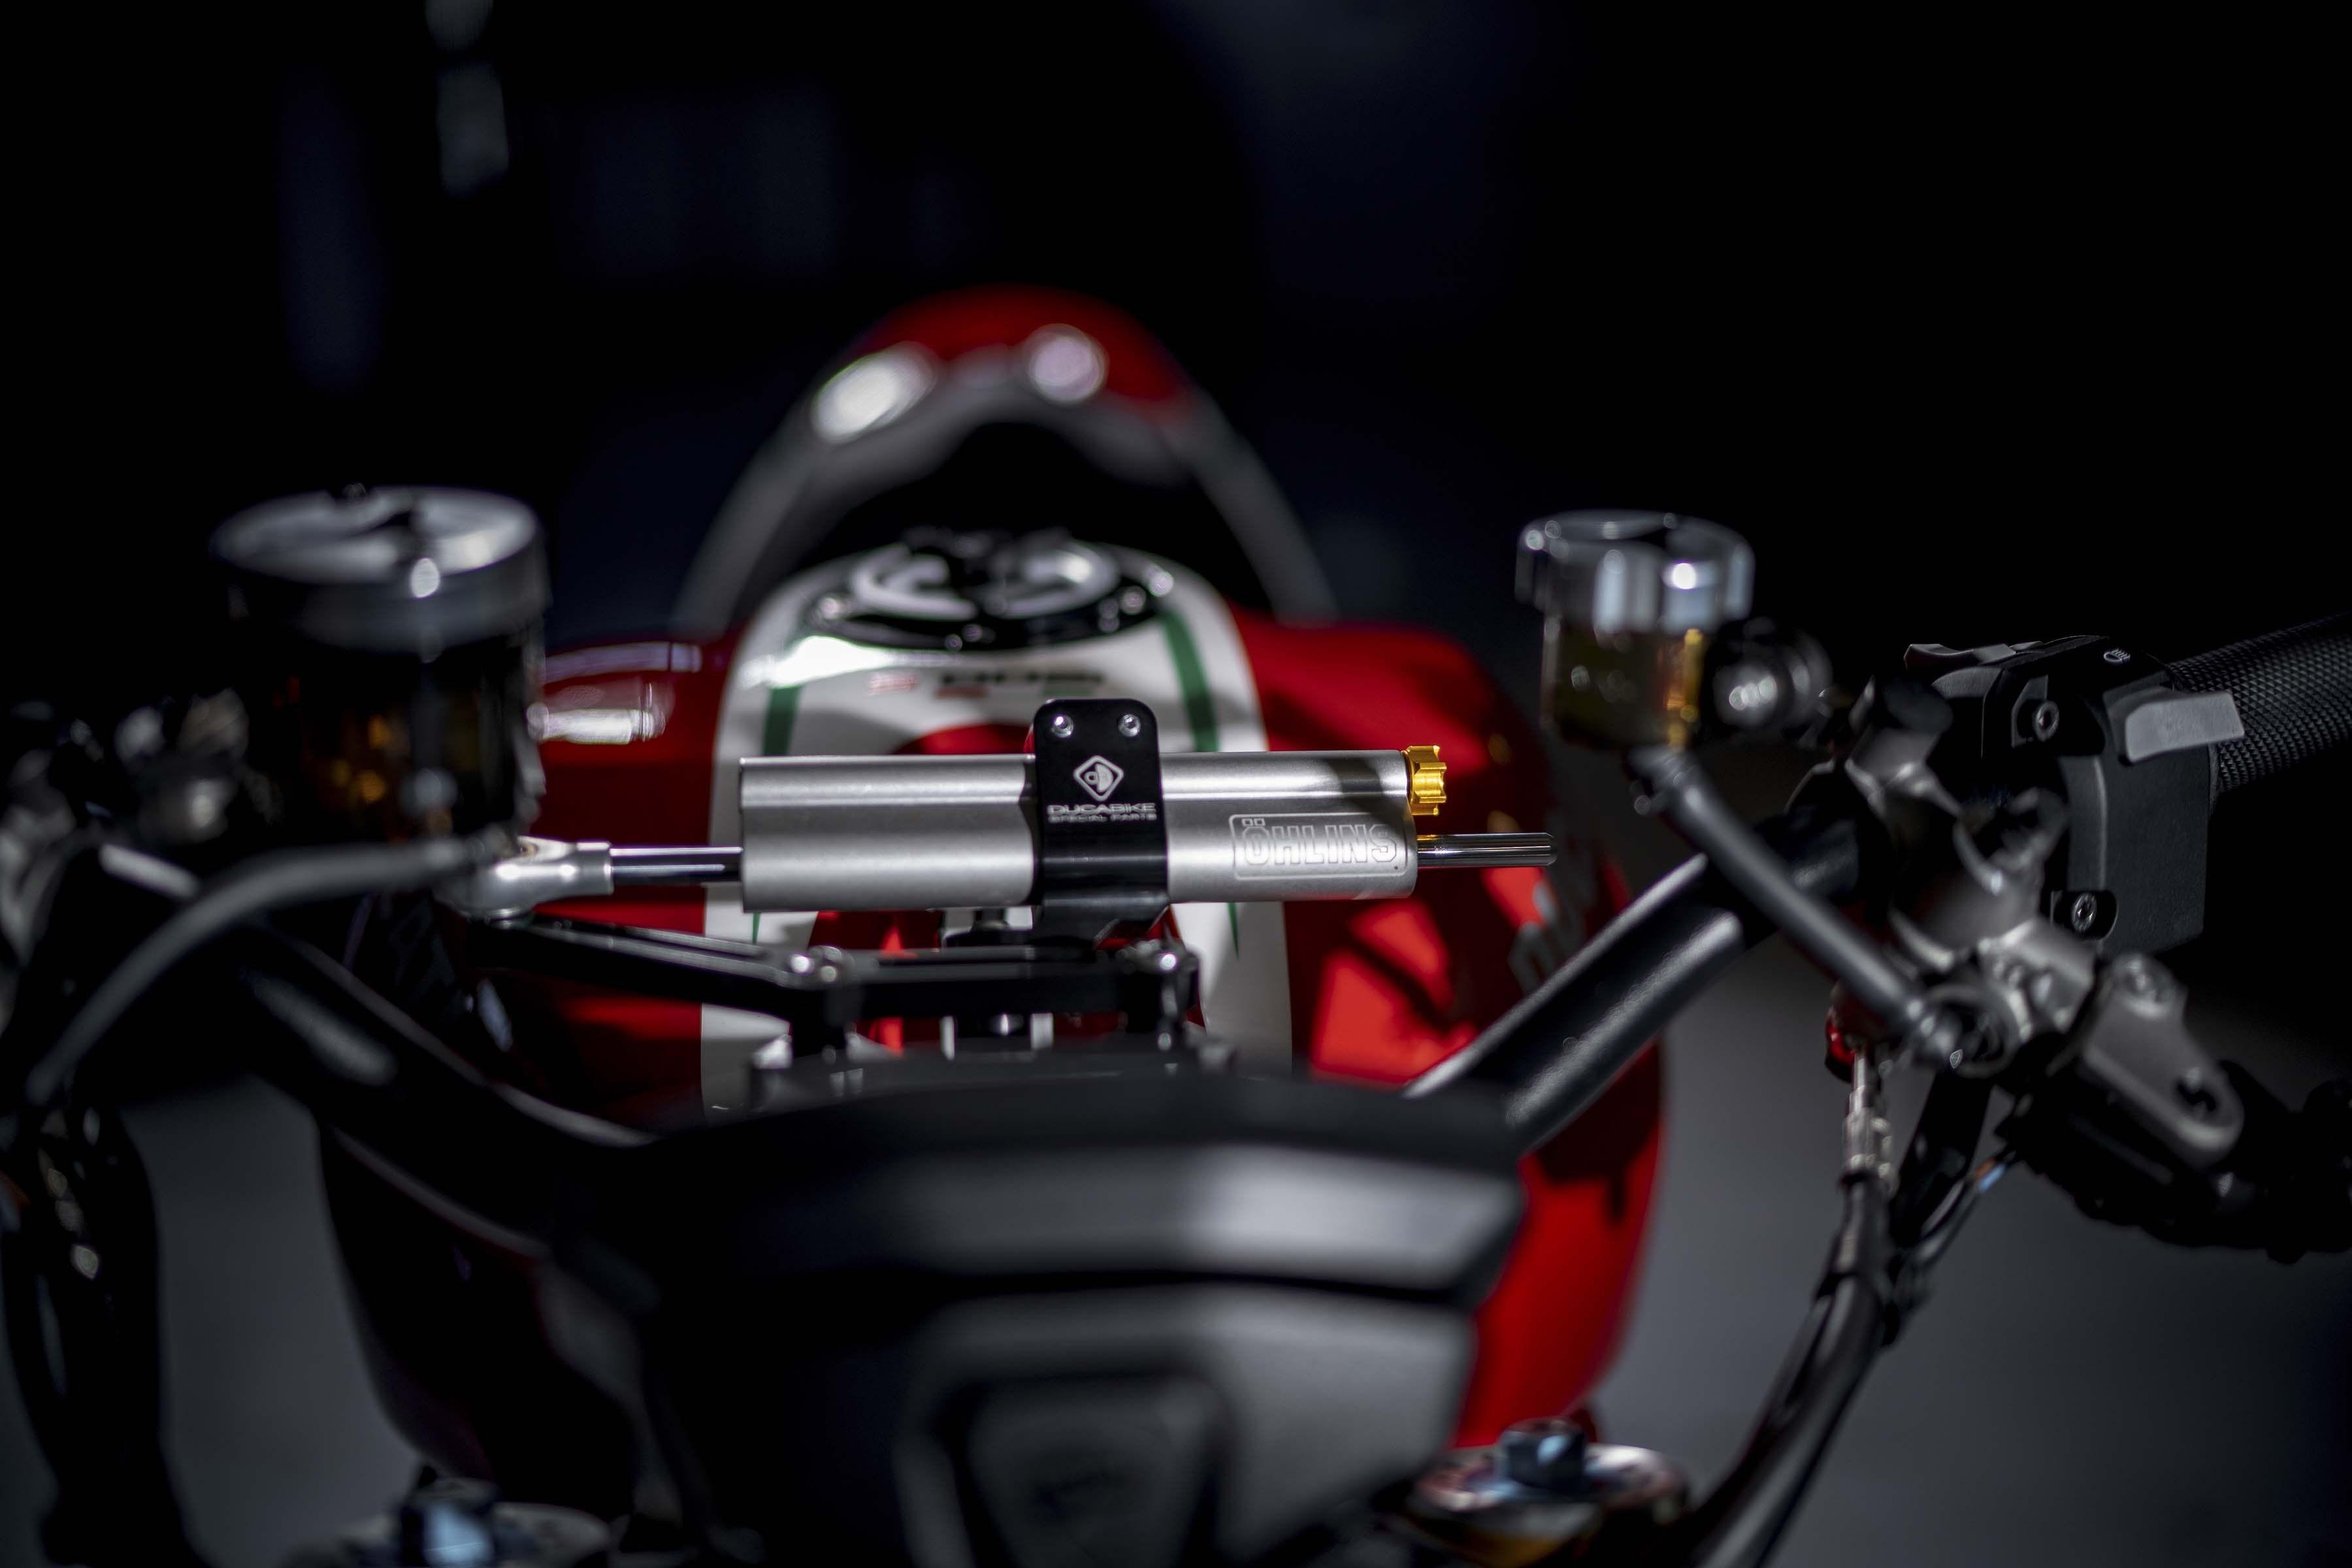 Ducati-Monster-1200-Tricolore-Motovation-03